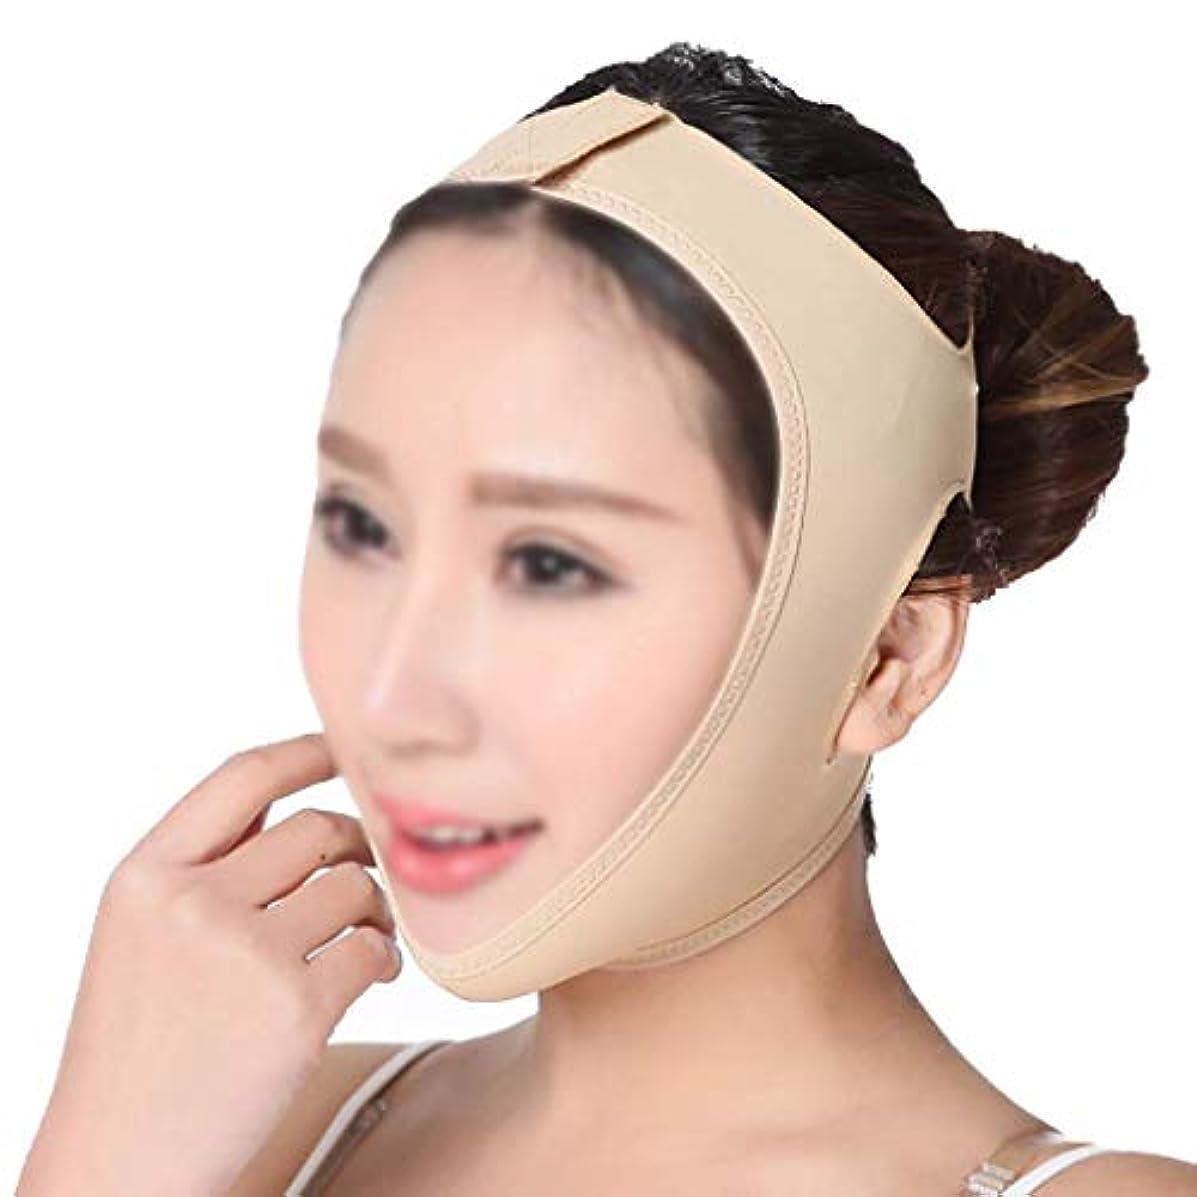 メガロポリスへこみラッチ薄い顔の包帯の顔スリム二重あごを取り除くVラインの顔の形を作成するあごの頬リフトアップアンチリンクルリフティングベルトフェイスマッサージツール(サイズ:L)